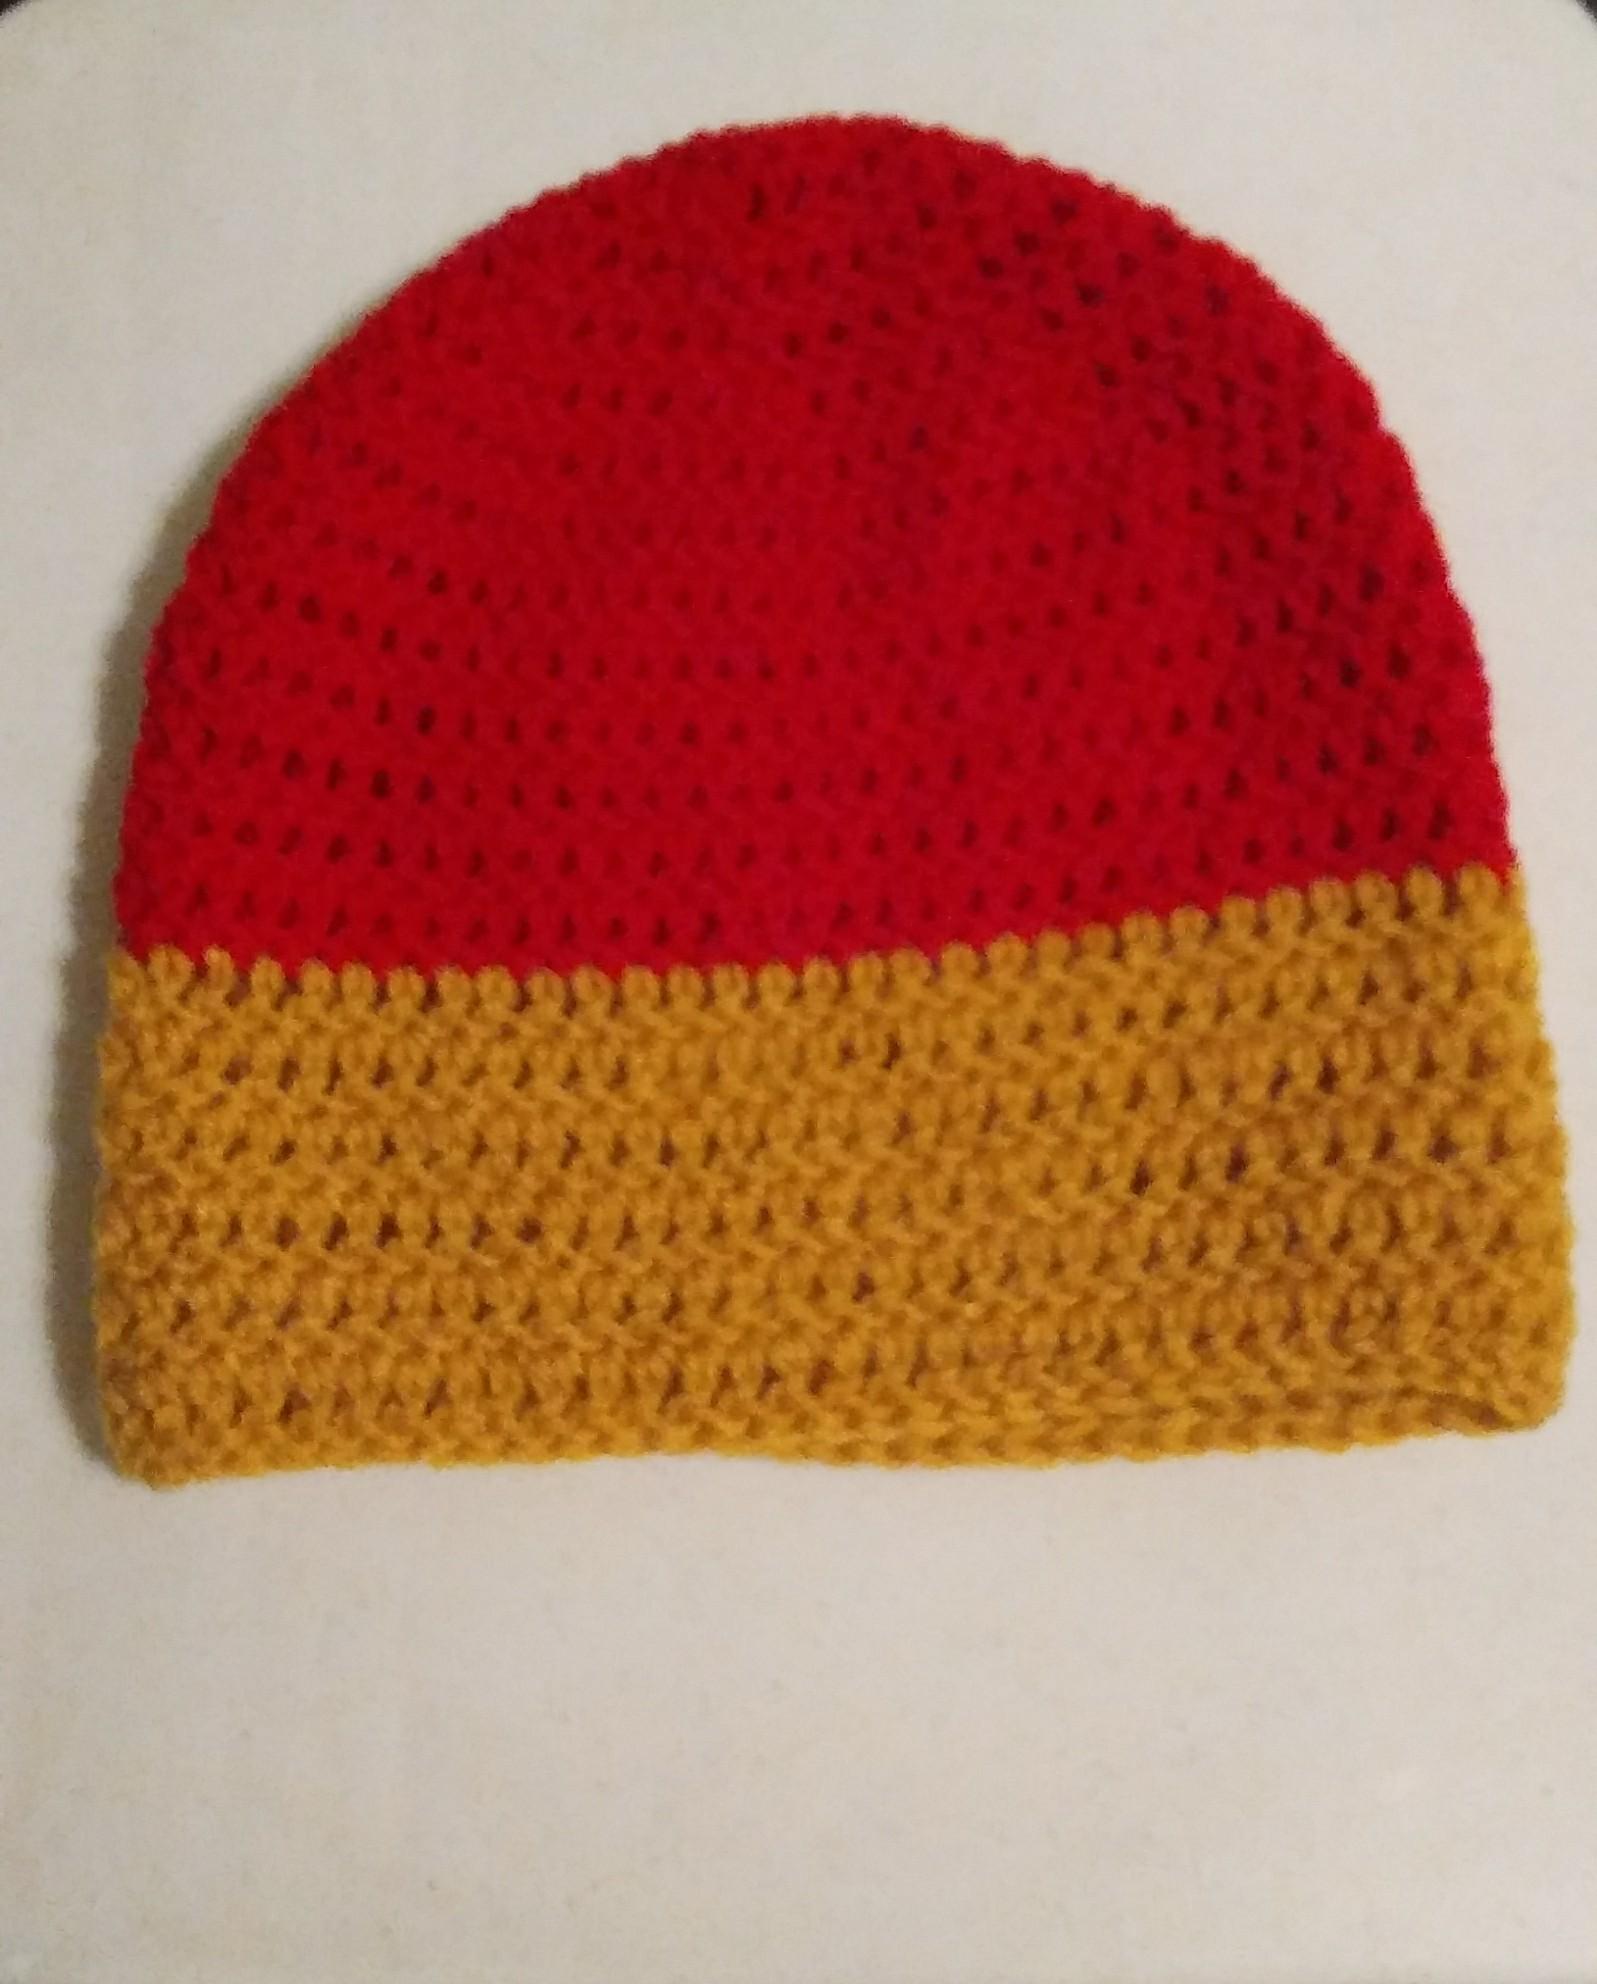 49ers Beanie Hat